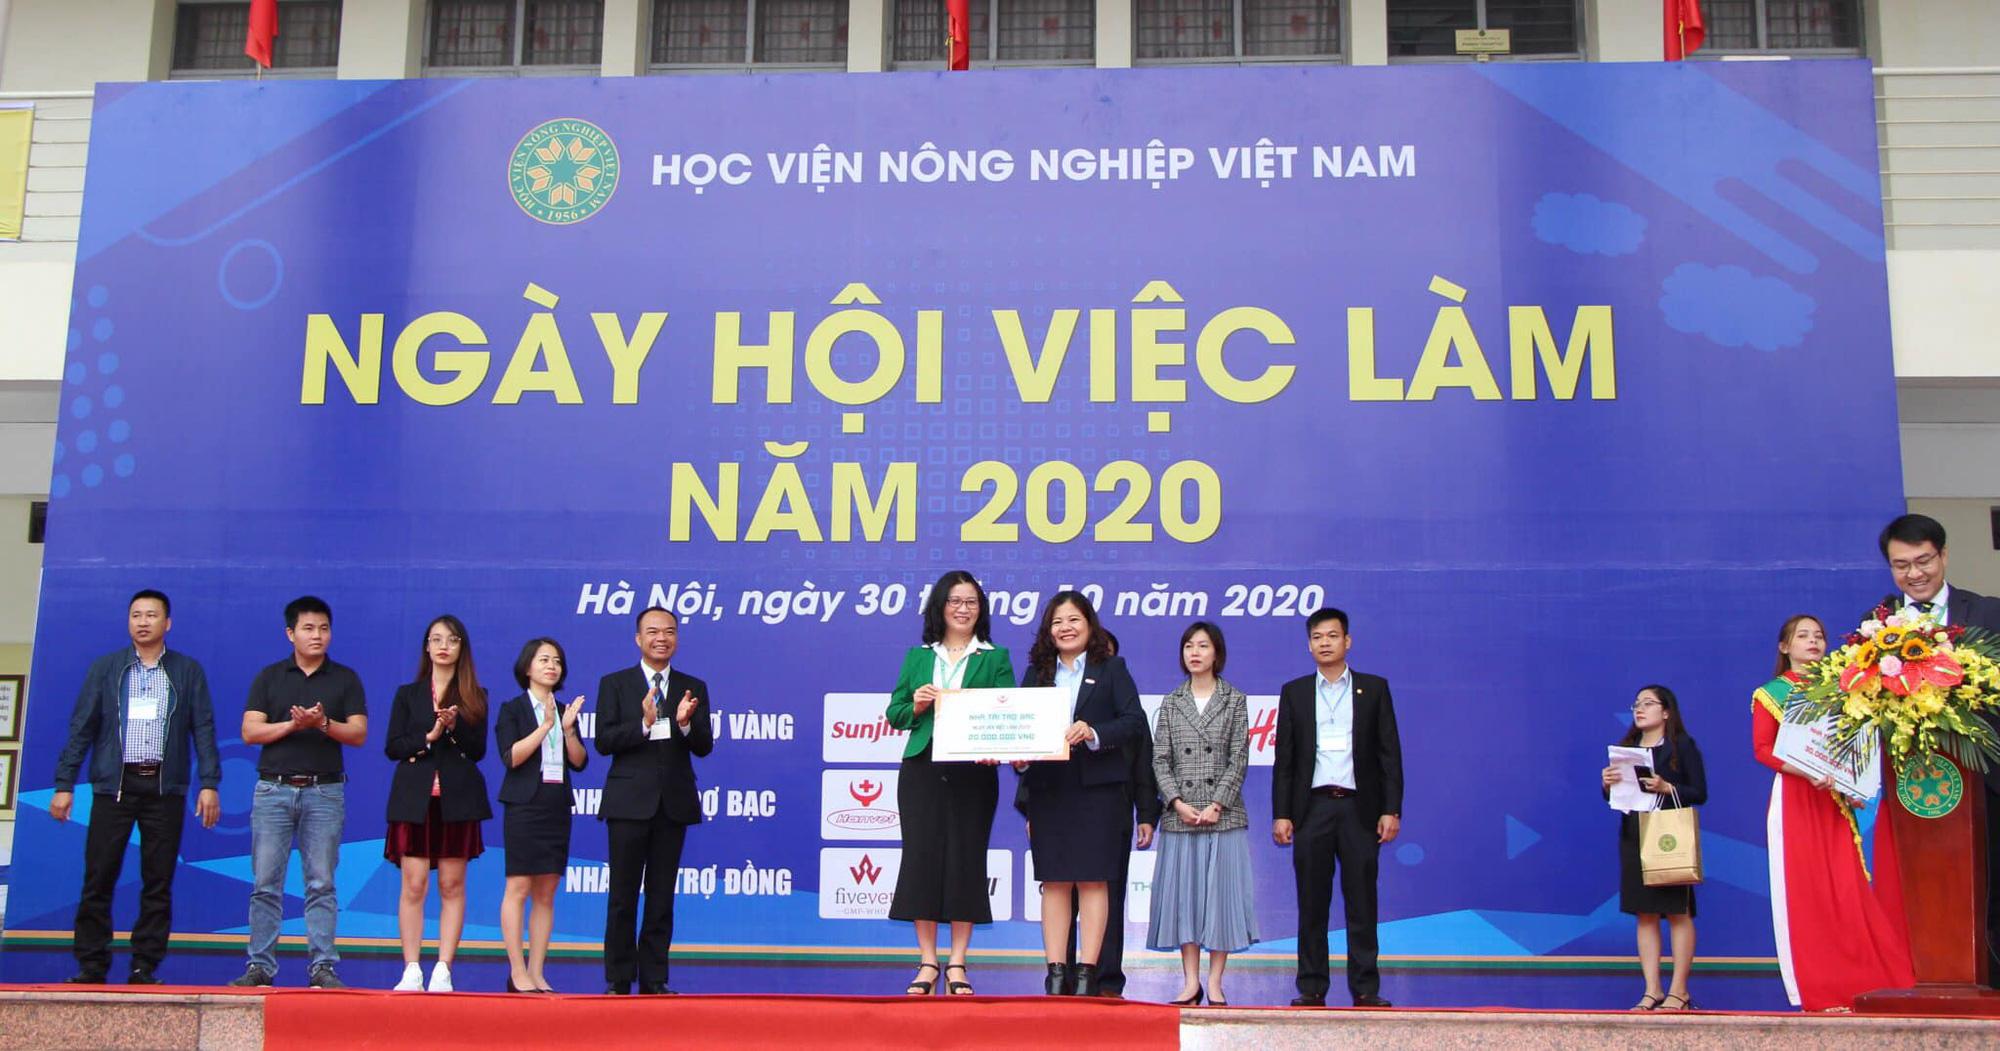 54 doanh nghiệp đổ về Học viện Nông nghiệp Việt Nam tuyển dụng 3.652 chỉ tiêu việc làm - Ảnh 1.